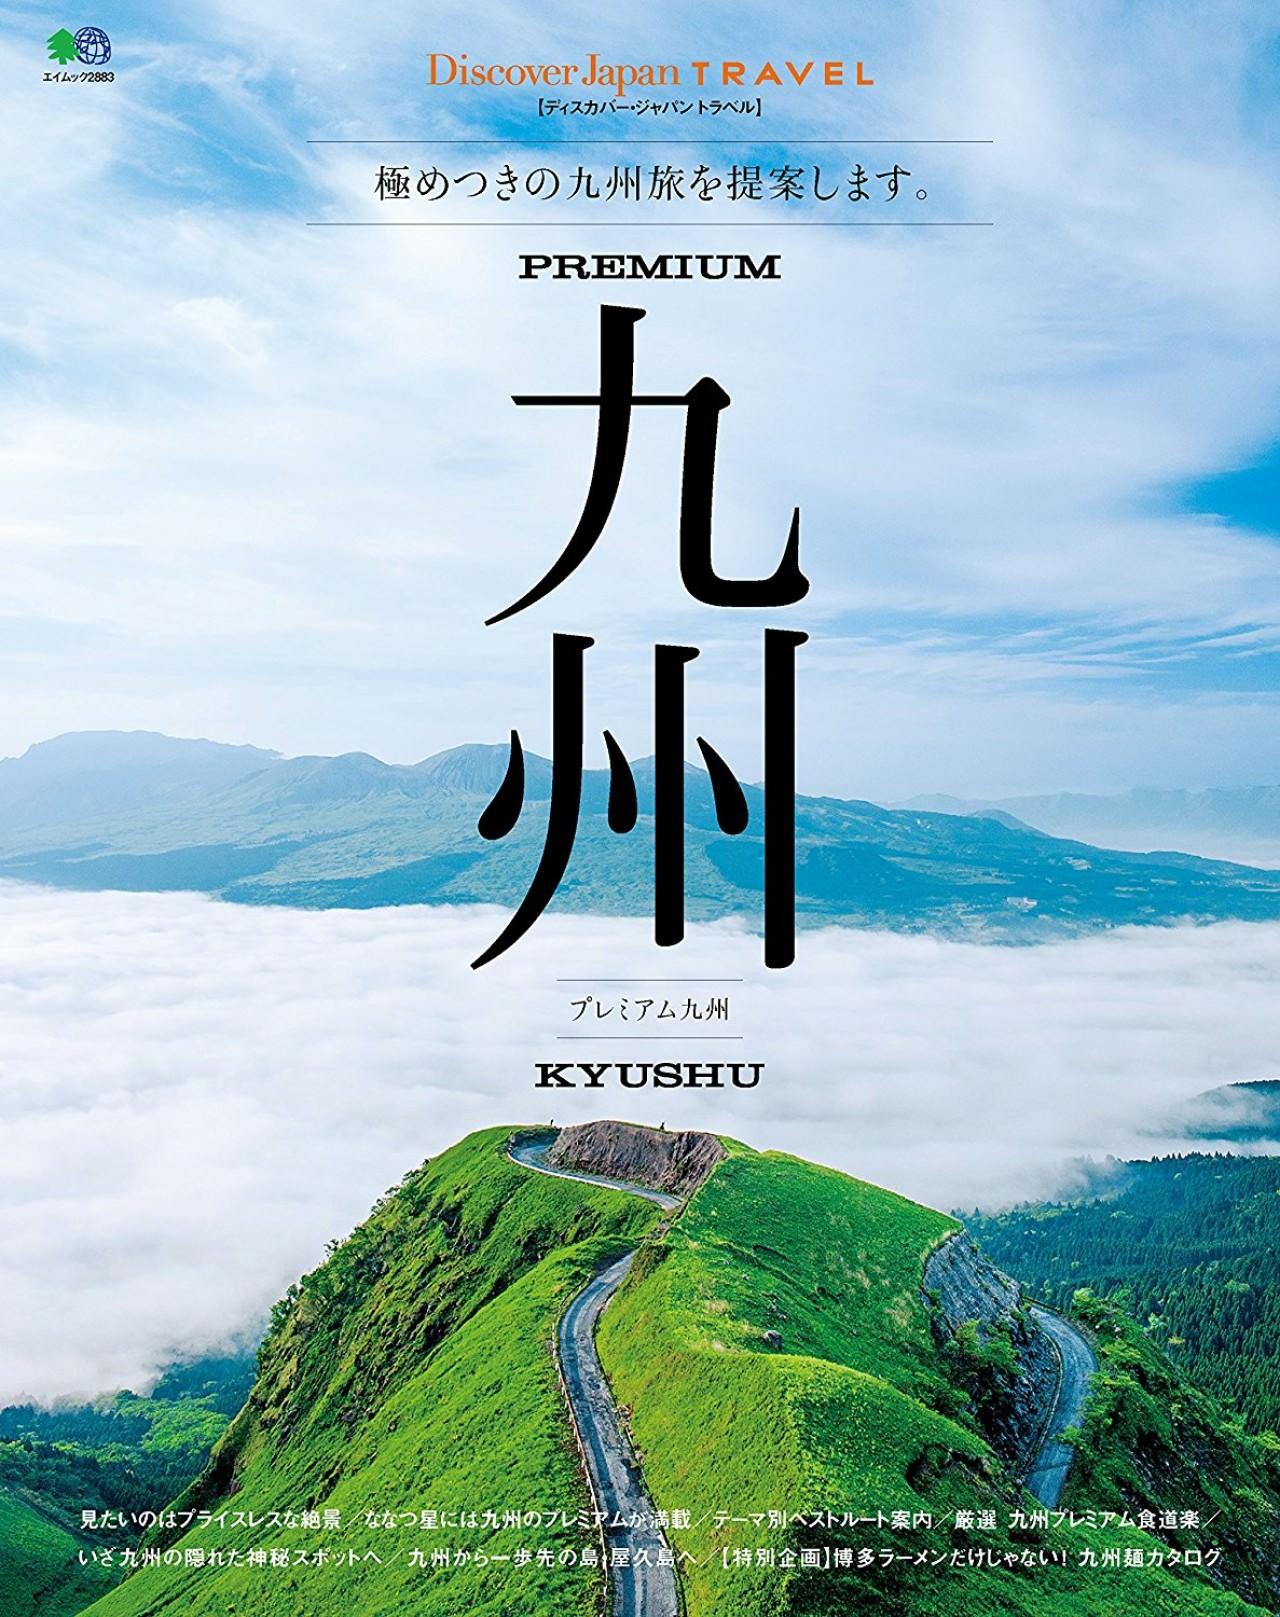 熊本絕景。阿蘇大觀峰 遼闊草原拍個人寫真、落日美景 九州自駕 @瑪格。圖寫生活